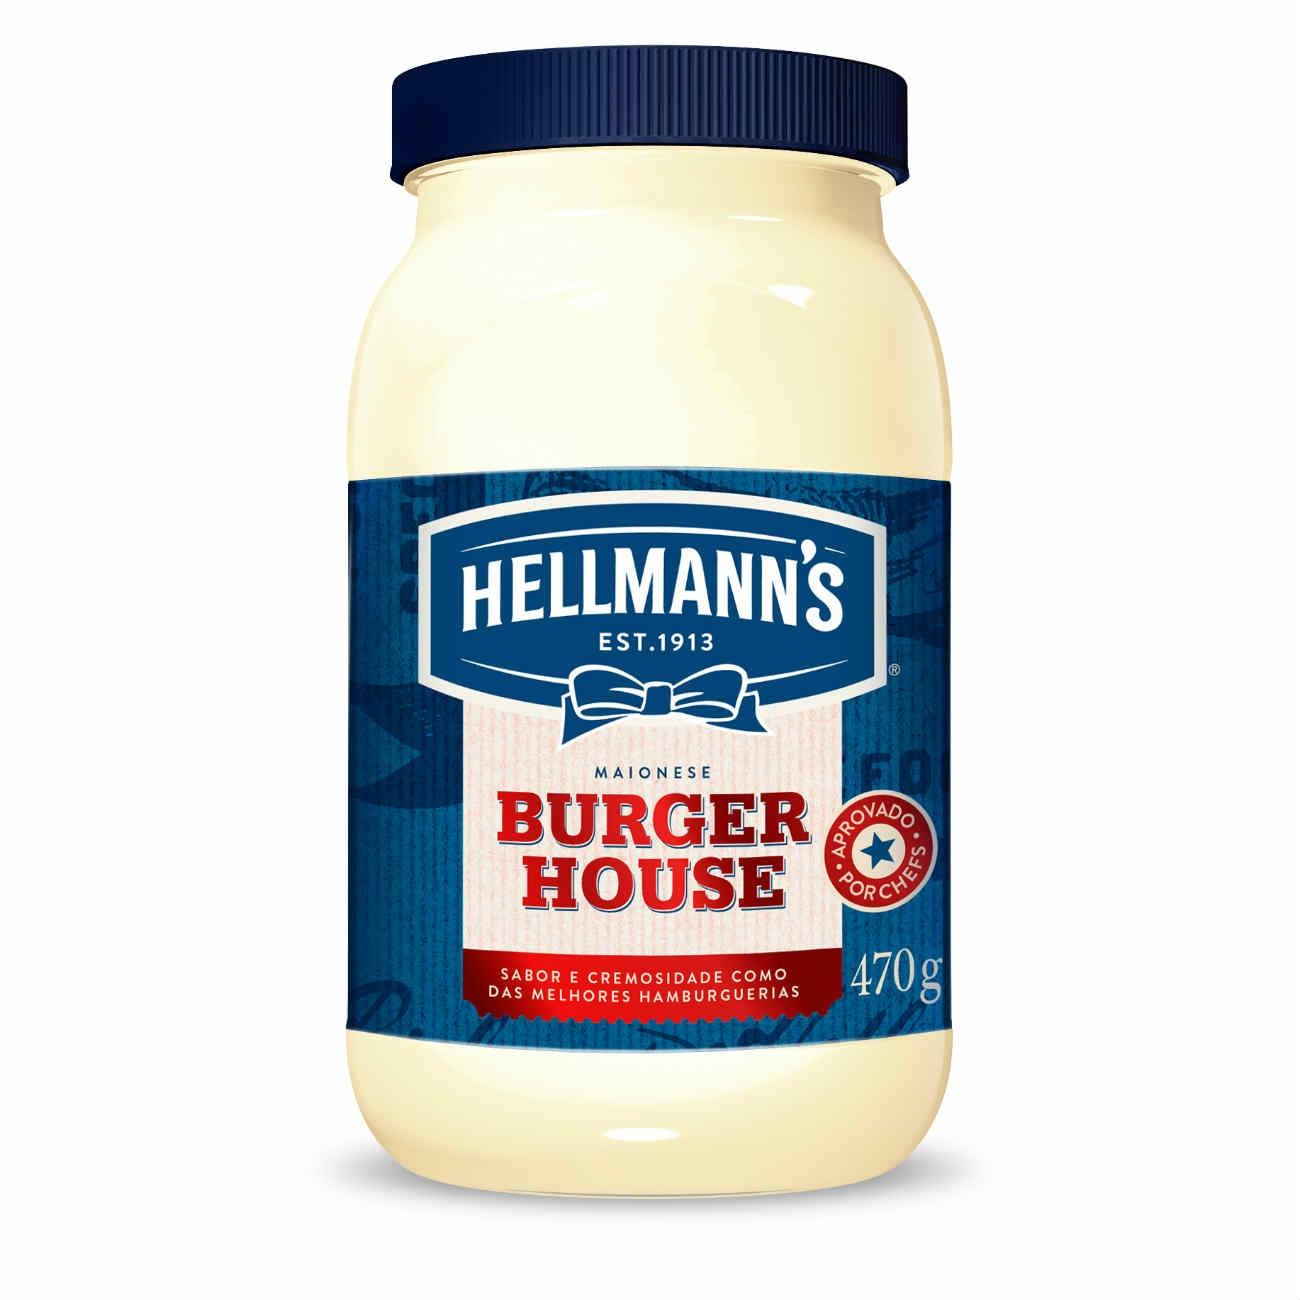 Maionese Hellmann's Burger House 470g